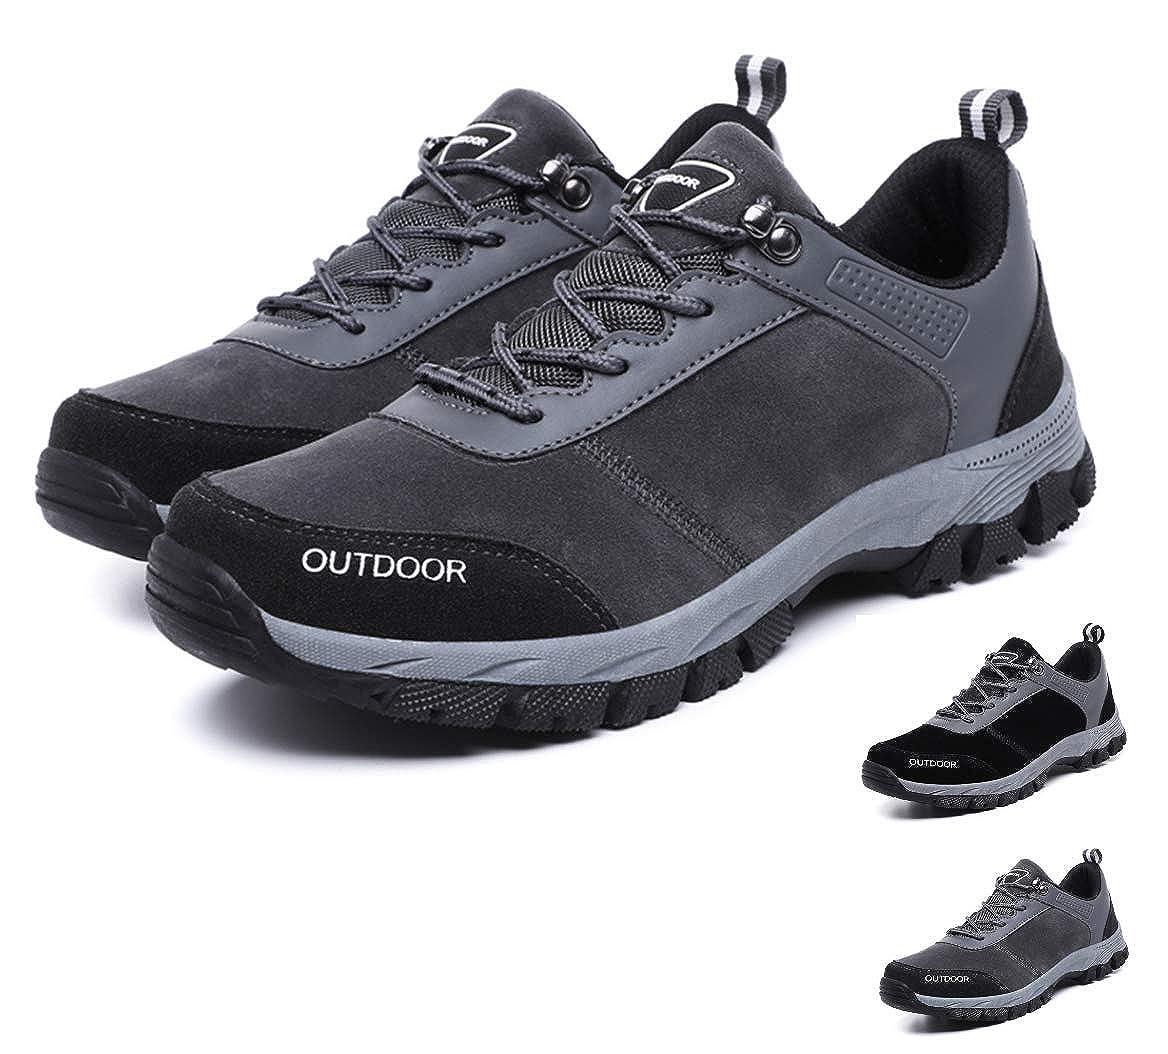 Gracosy ChaussuresdeRandonnéeHommes, ChaussuresBasses deMarcheSports Imperméable en Suede BasketsSneakerspour Garçons TrekkingRunningTraining GrisNoir